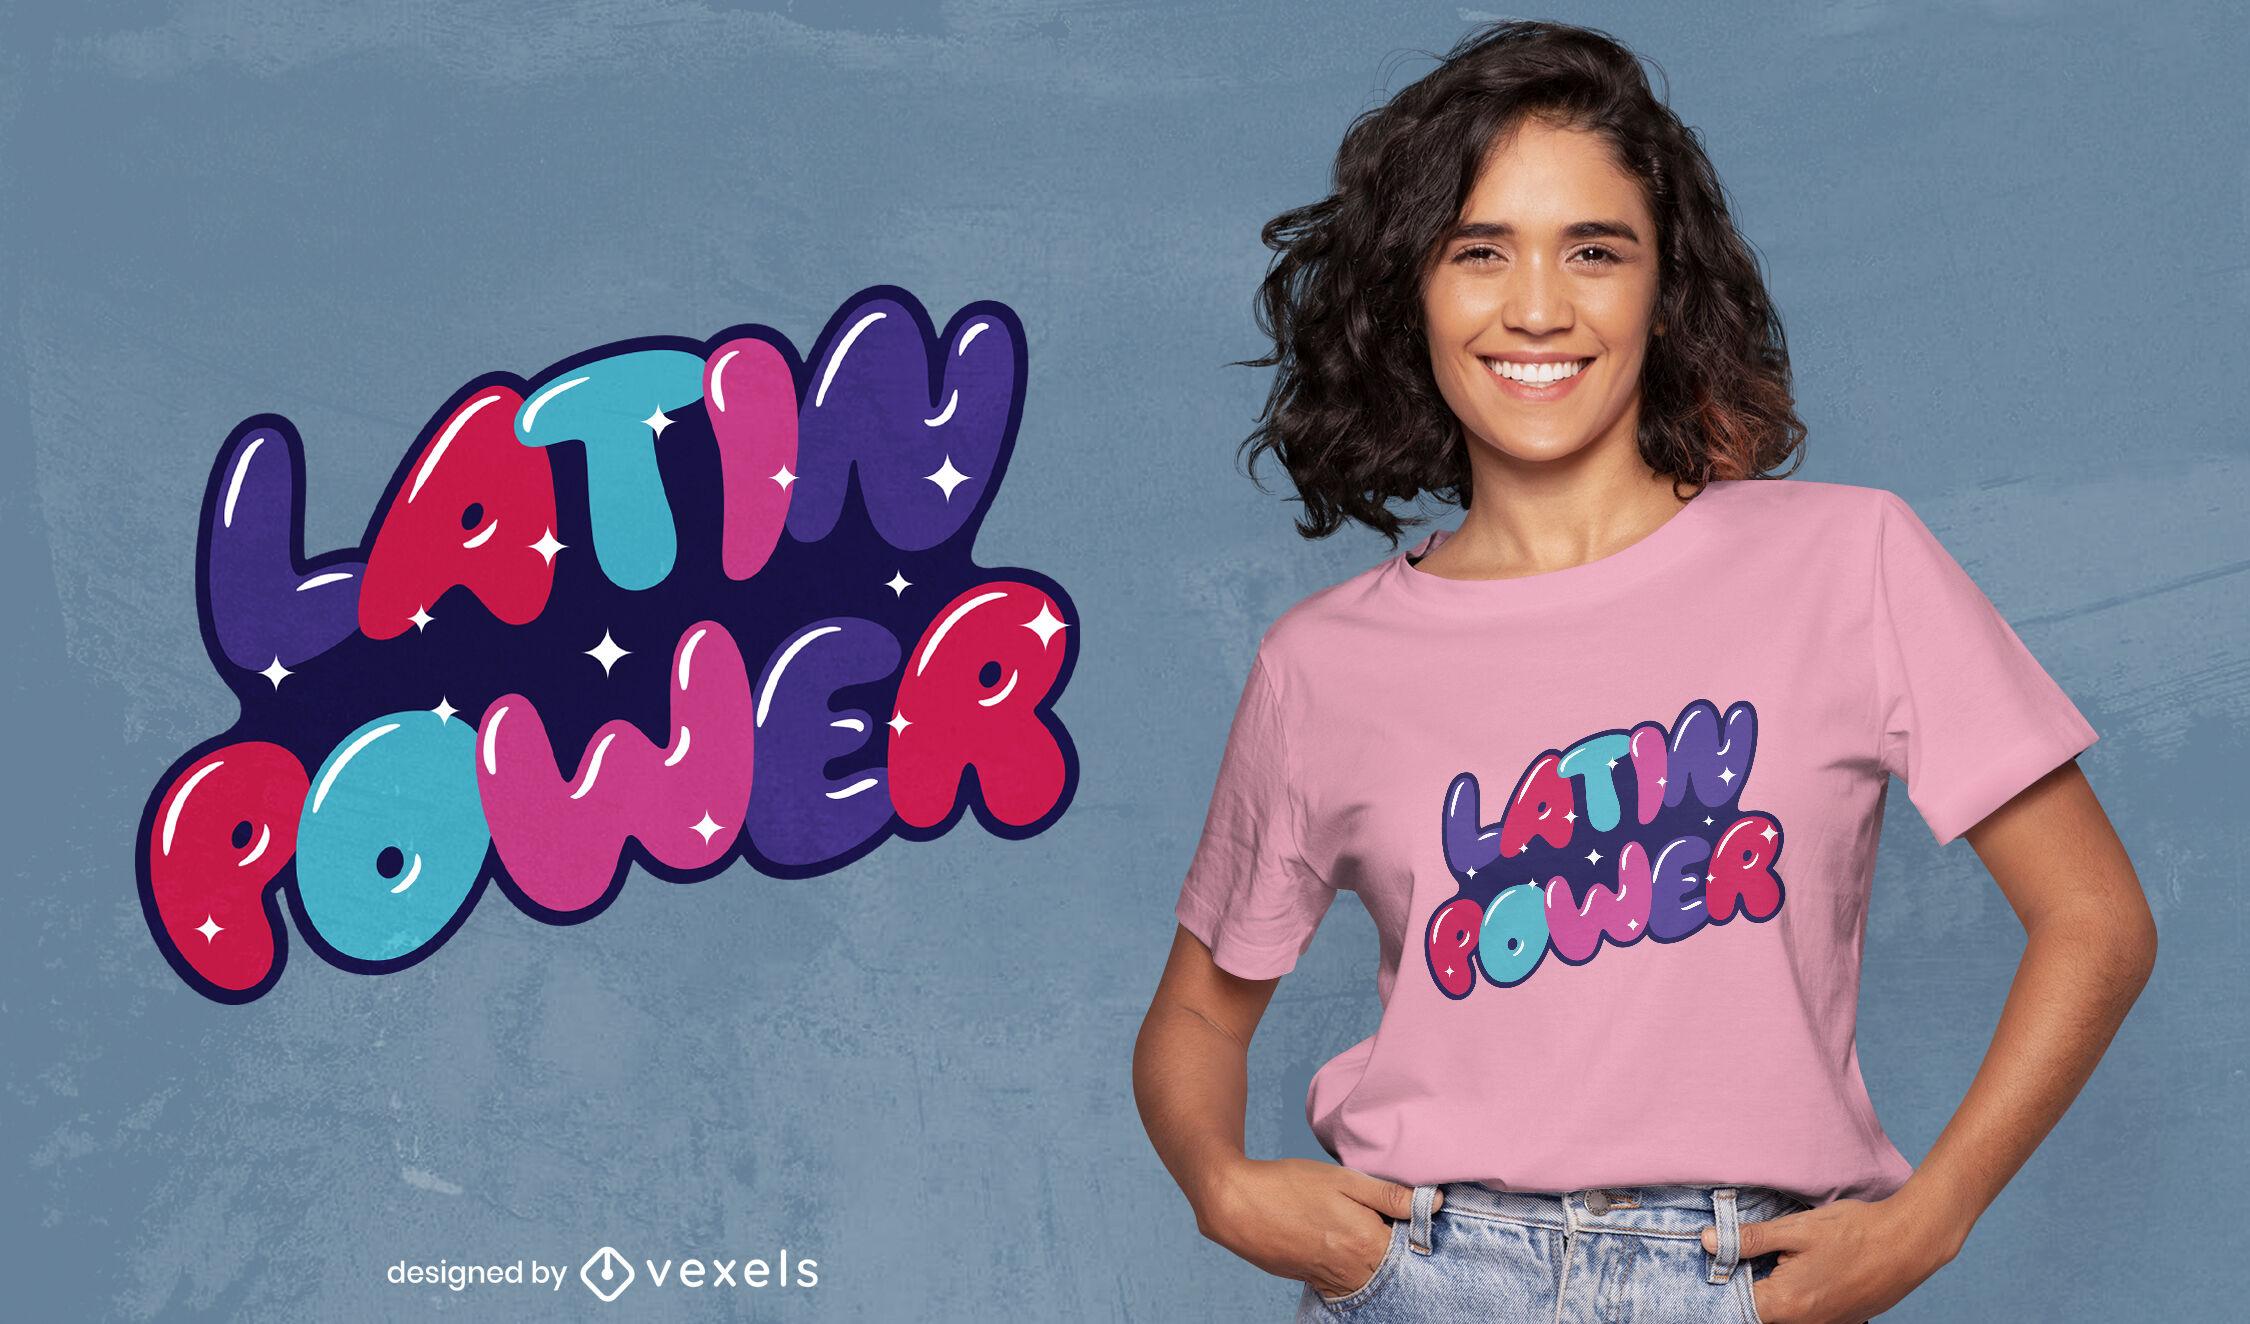 Dise?o de camiseta brillante de Latin Power.